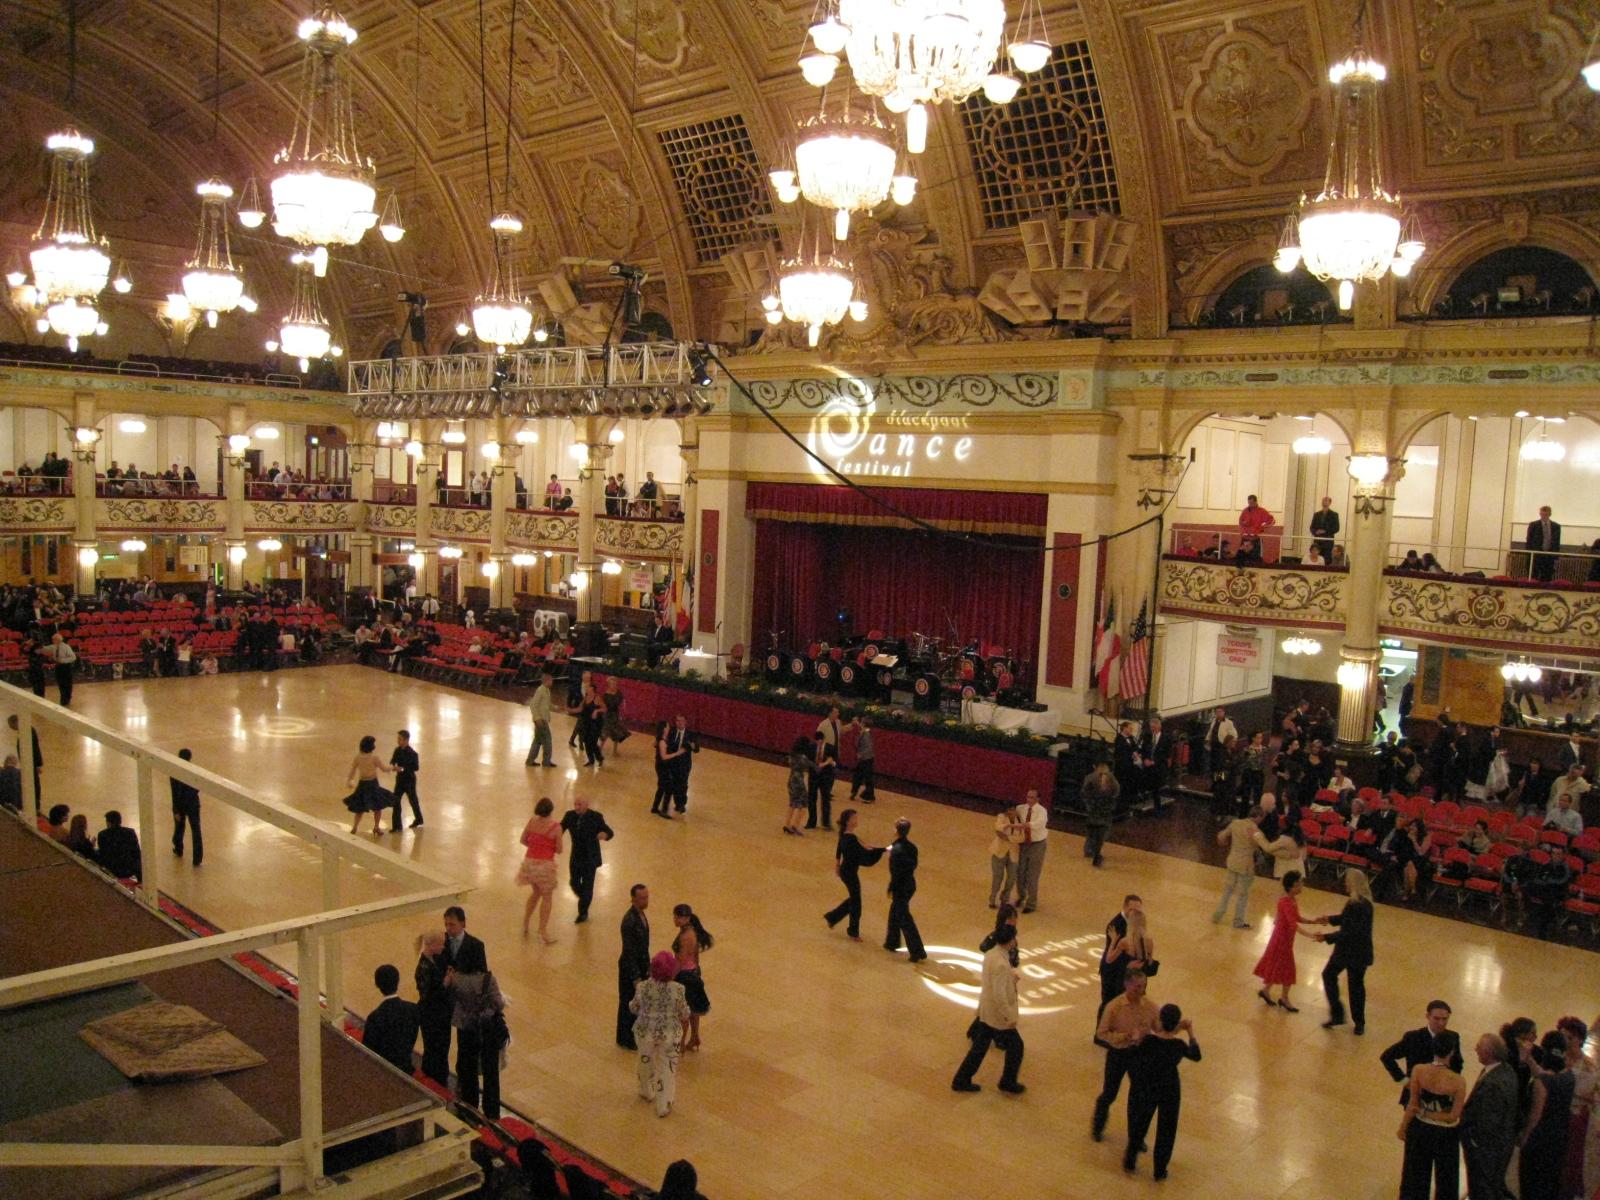 競技会場のダンスフロア1